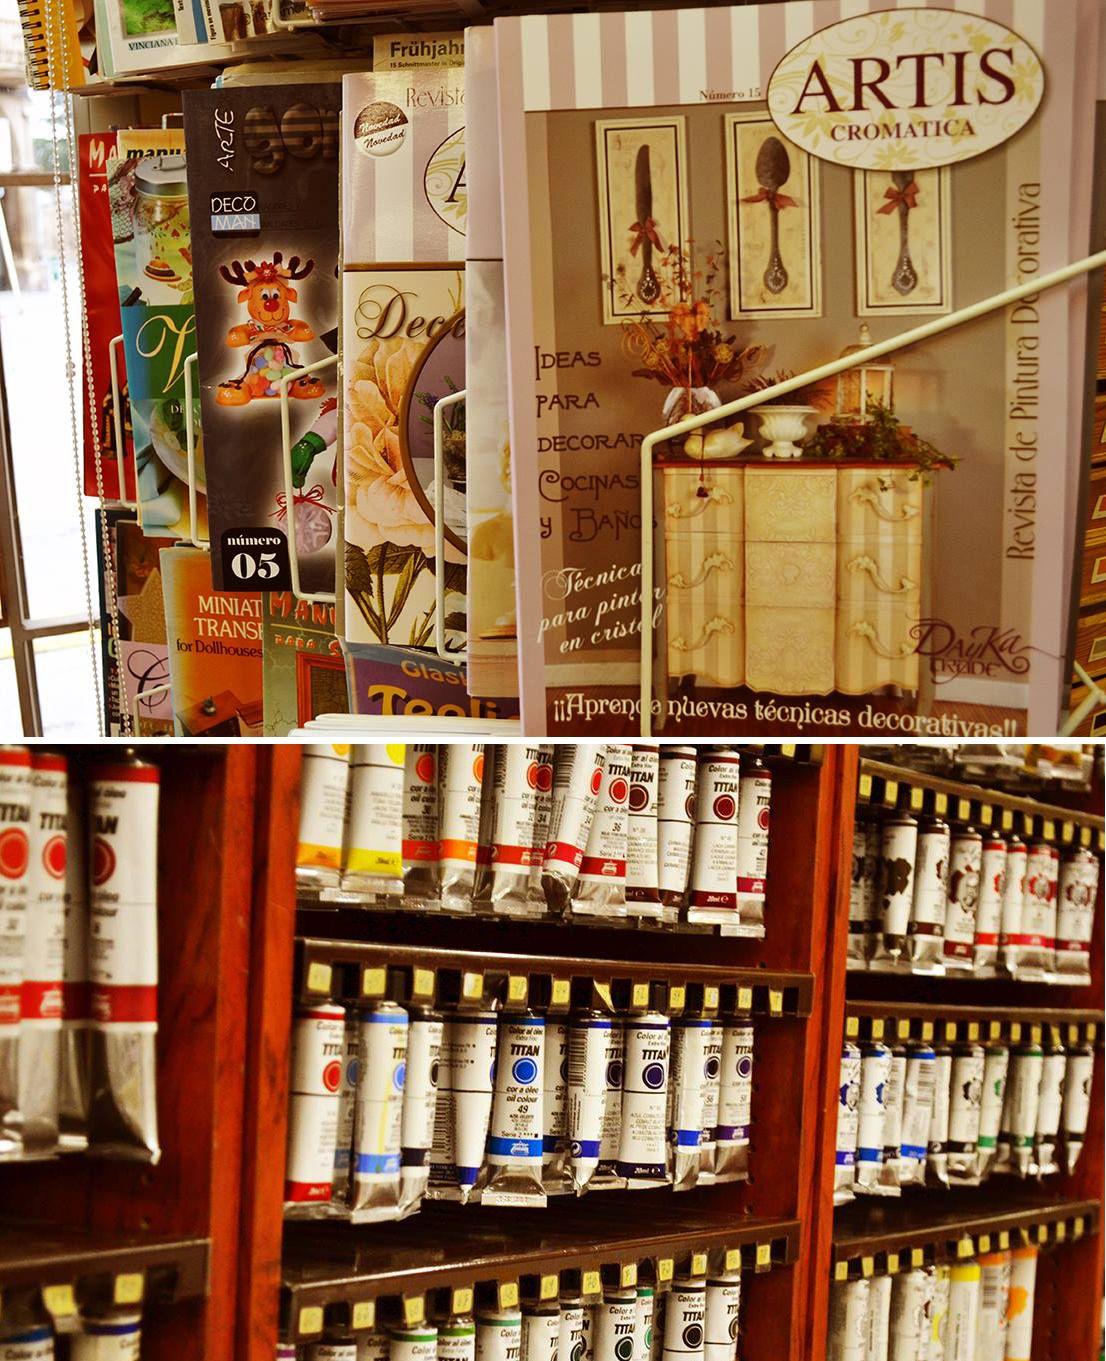 Oeeeee... ¡ya tenemos vinilos en la ciudad de #Tarrega!!!! La mejor tienda de #artesgraficas de la zona. Aunque estemos de #vacaciones... no perdemos el tiempo... Gracias a Montse y a Salvador por unirse a nuestra familia vinilera. http://lesquiroltarrega.com/es/home/index